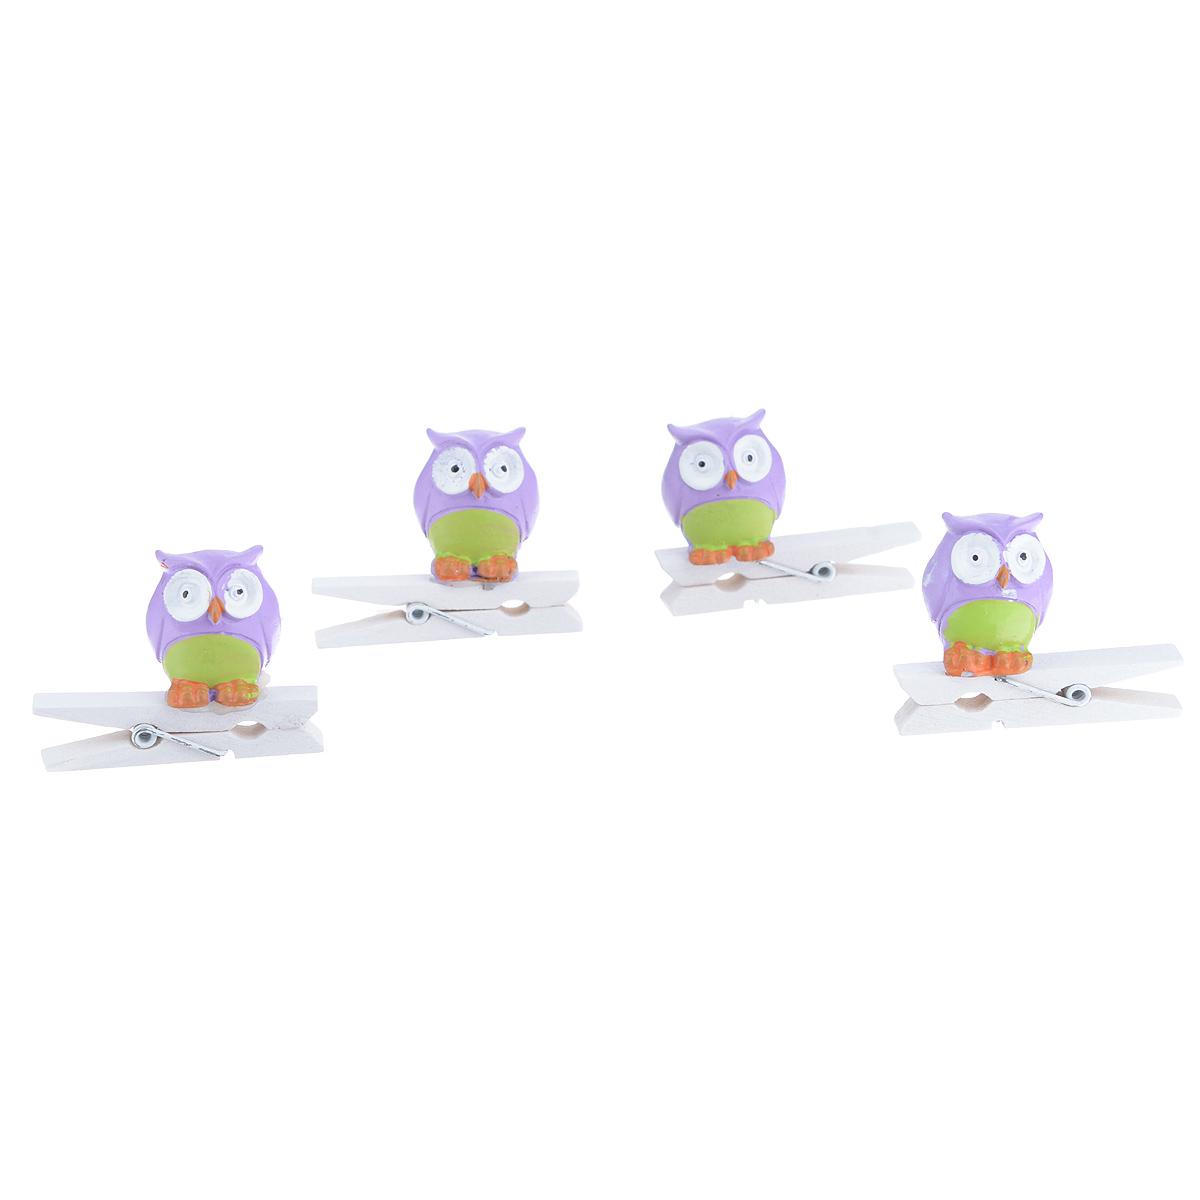 Набор декоративных прищепок Феникс-презент Совушки, 4 шт. 3943739437Набор Феникс-презент Совушки состоит из 4 декоративных прищепок, выполненных из дерева. Прищепки оформлены декоративными фигурками из полирезины в виде сов. Изделия используются для развешивания стикеров на веревке, маленьких игрушек, а оригинальность и веселые цвета прищепок будут радовать глаз и поднимут настроение. Размер прищепки: 4,5 см х 1,5 см х 3,5 см.